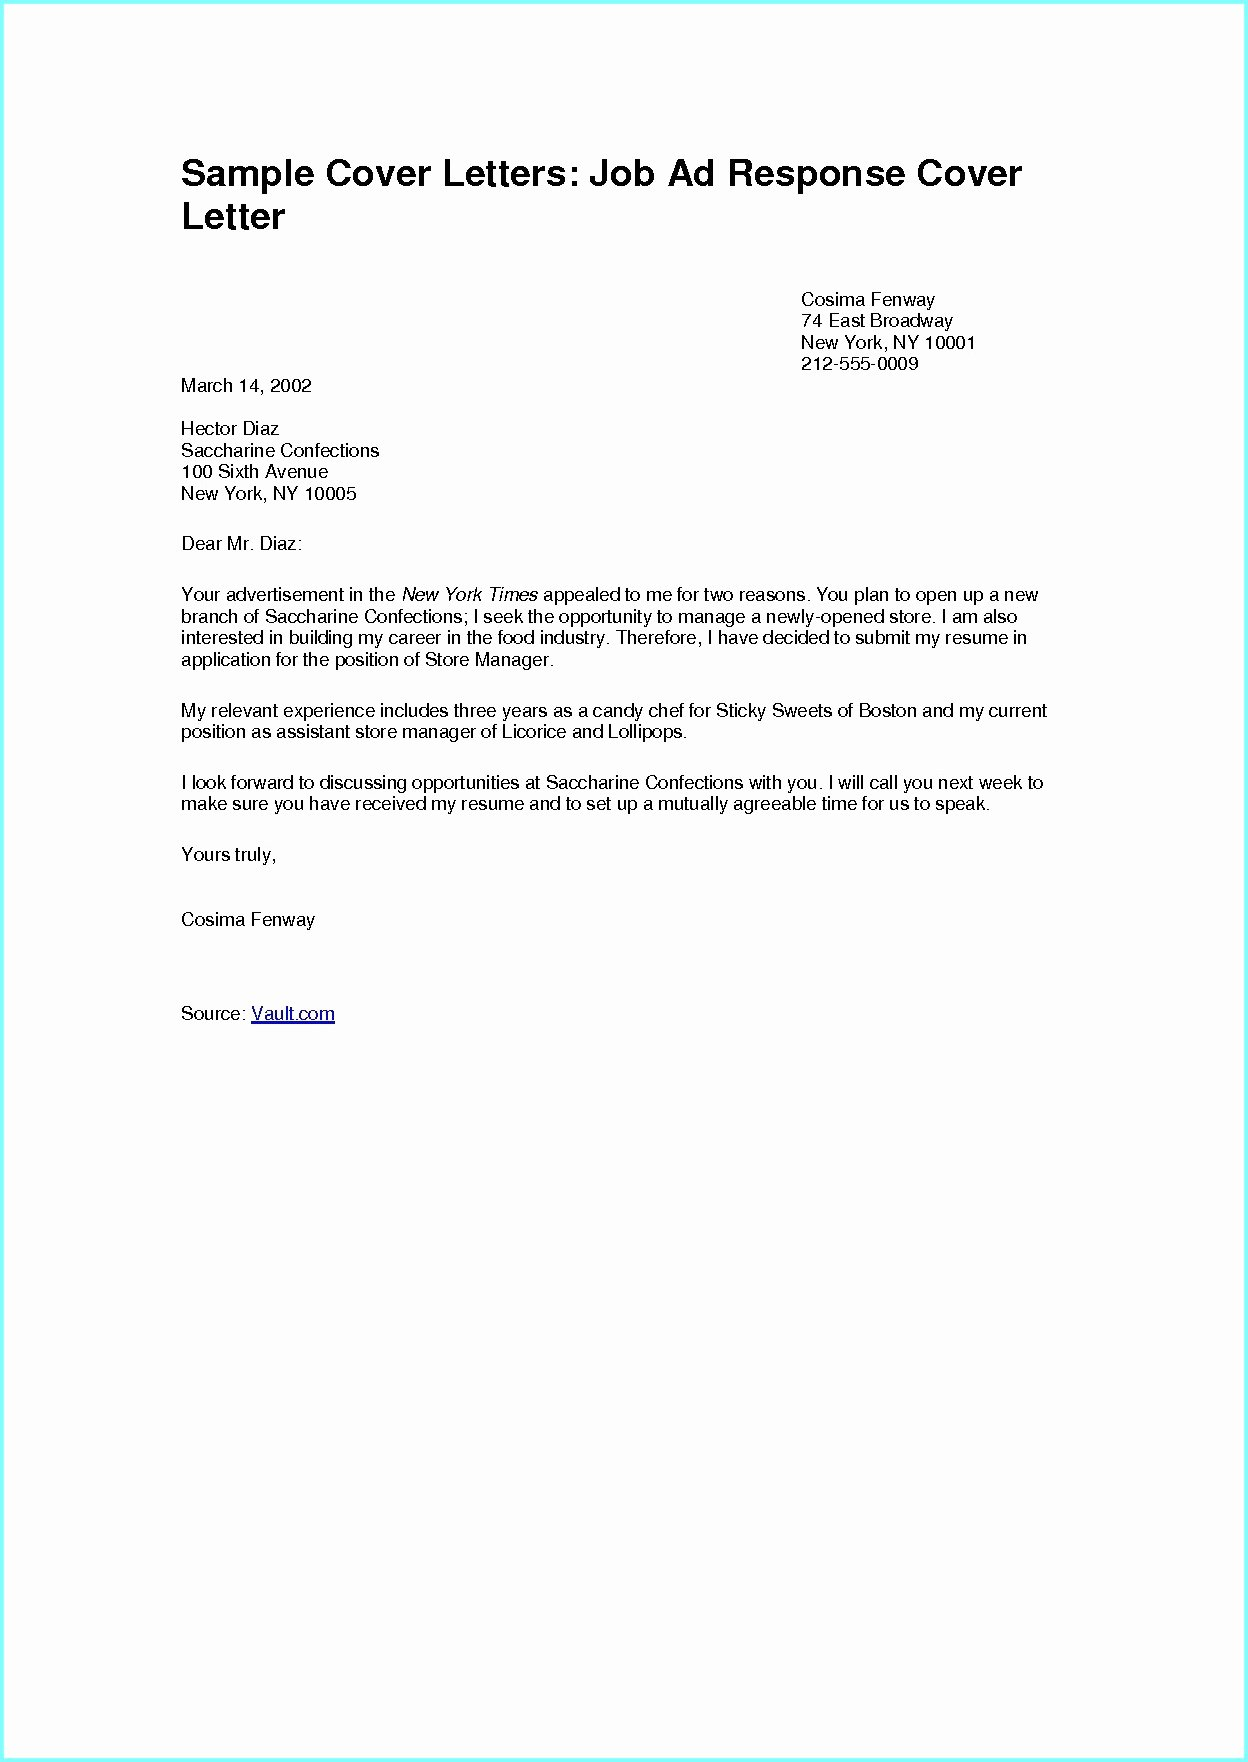 Job Posting Examples Fresh Sample Cover Letter Responding to Line Job Posting